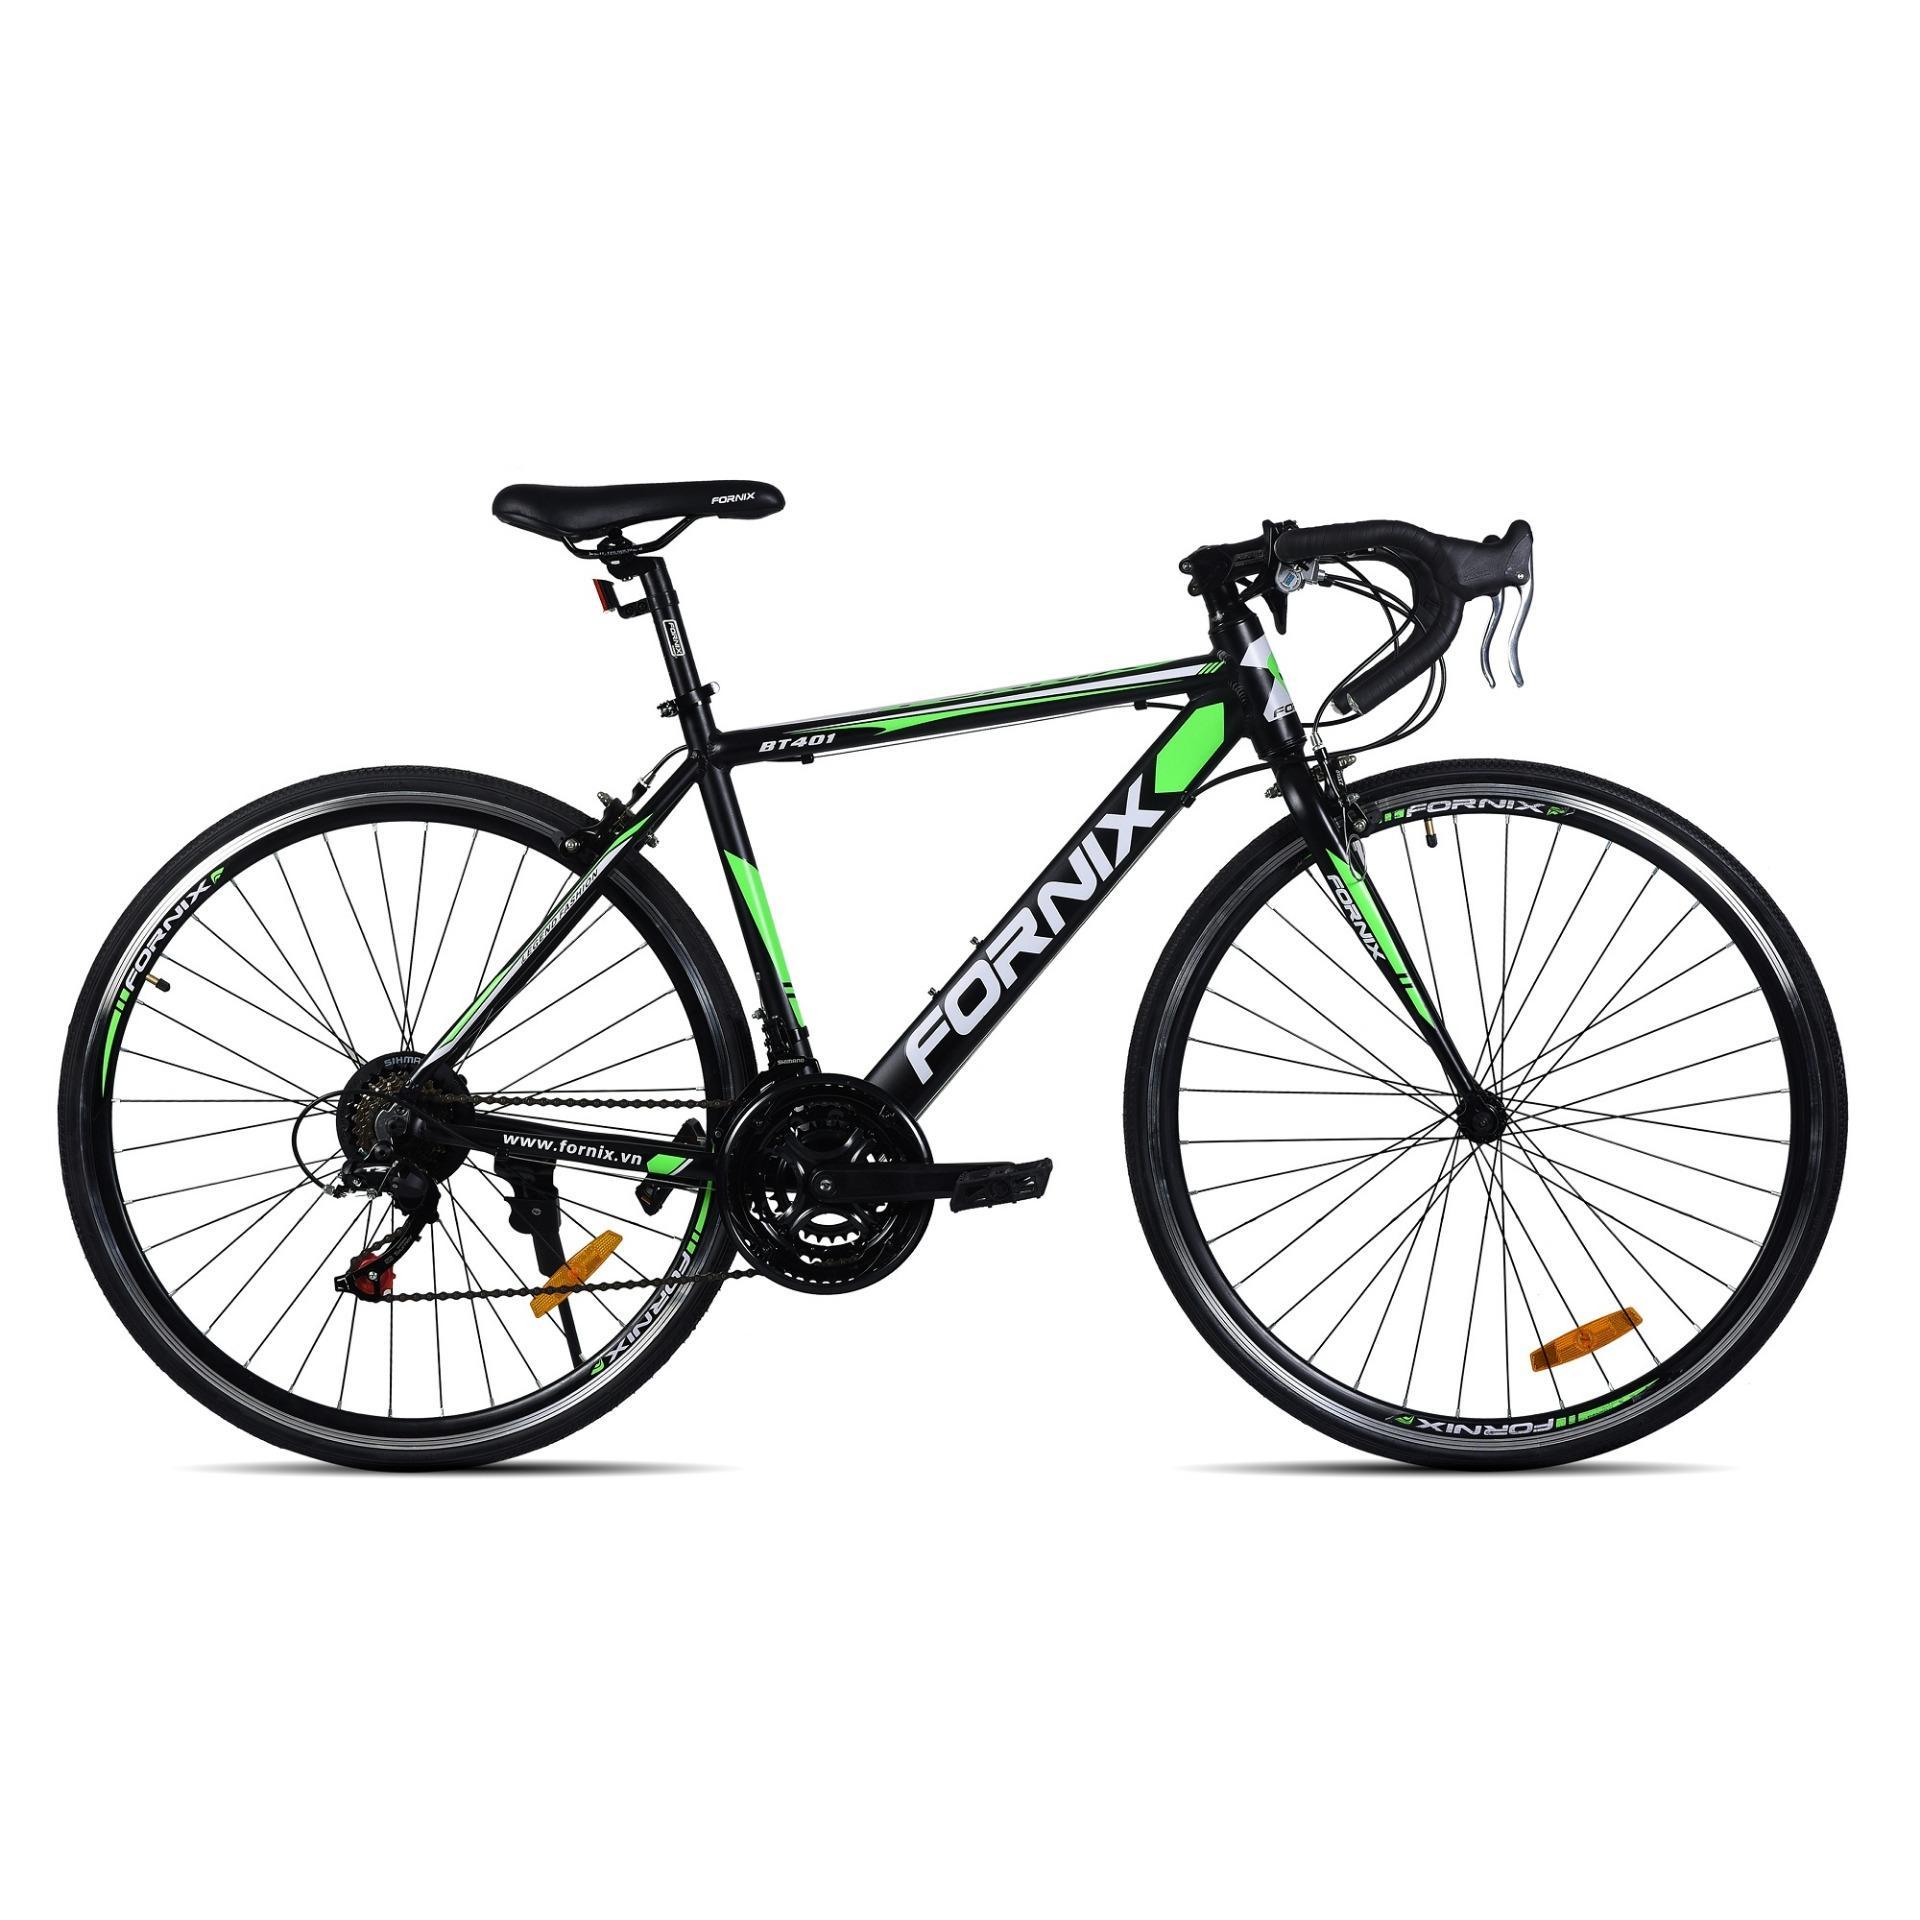 Xe đạp thể thao Fornix- BT401 (màu đen xanh lá)